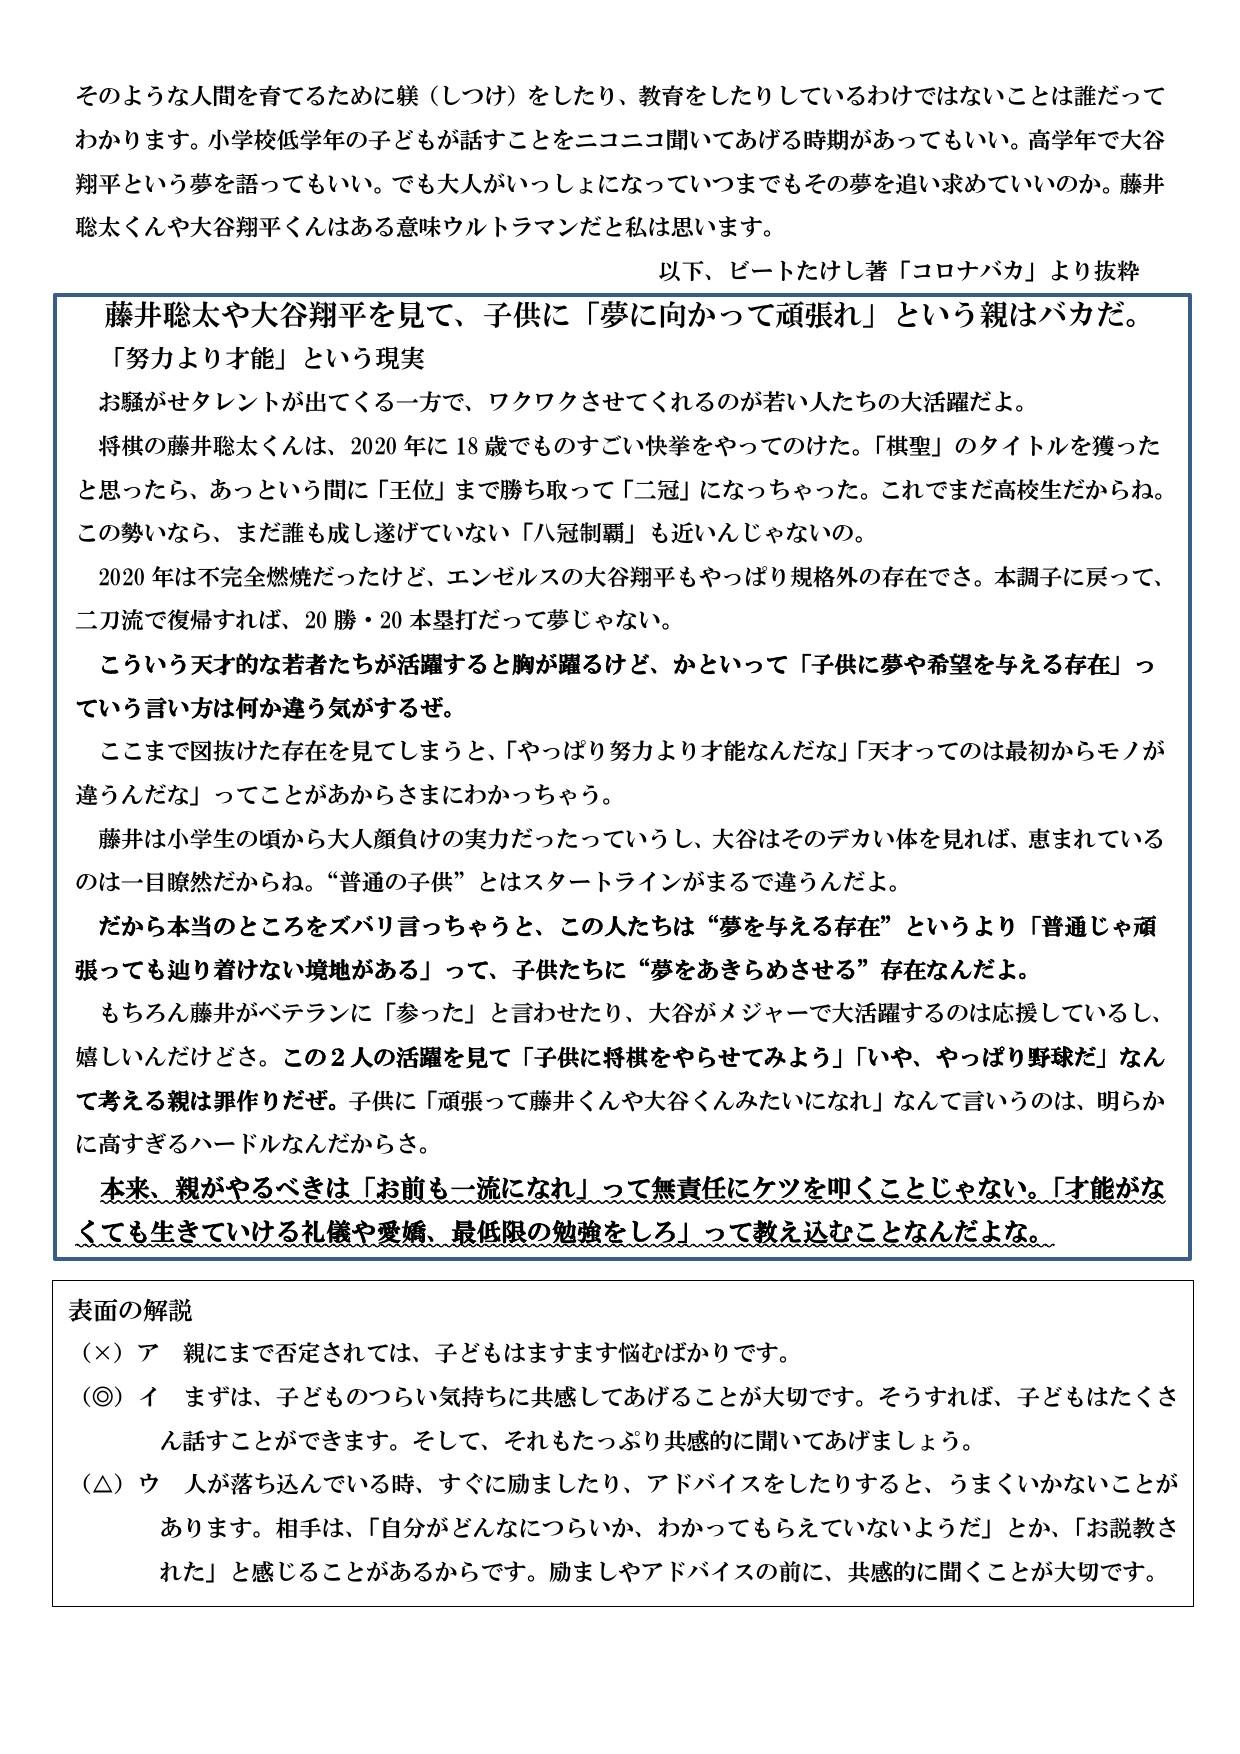 山形小学校校長室だより(令和3年5月14日)2ページ